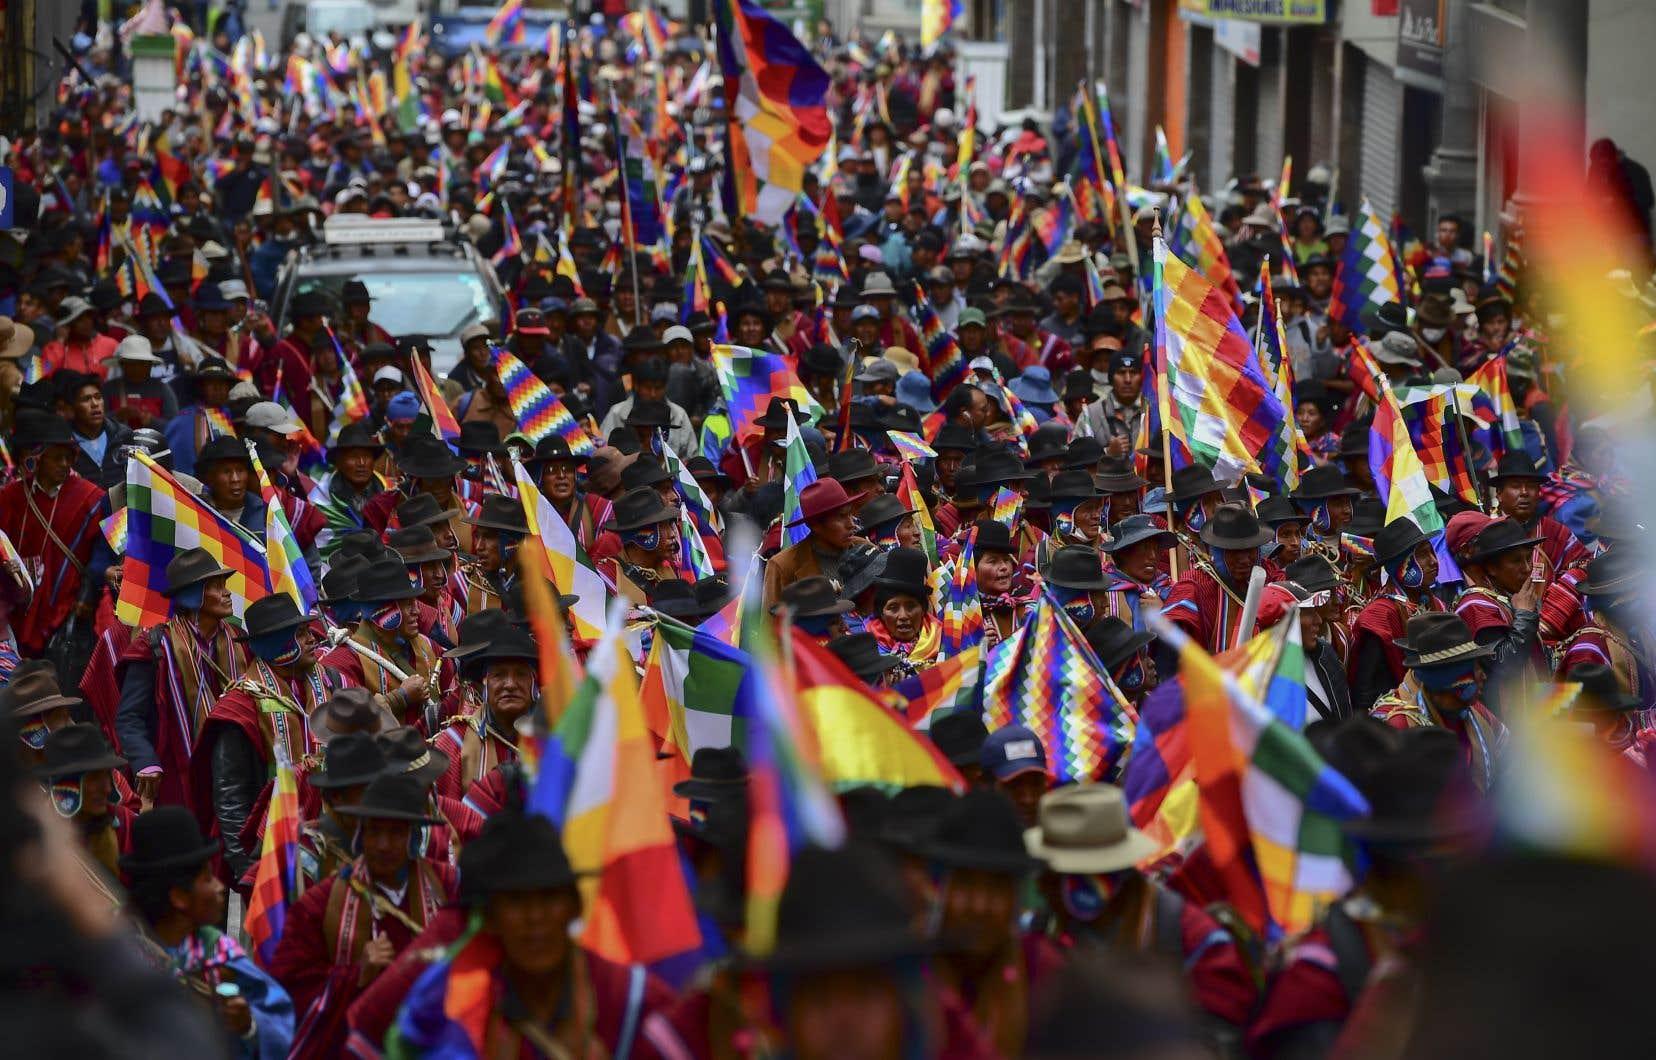 Avec la chute d'Evo Morales, son tout premier président indigène, la Bolivie, laboratoire de la révolution socialiste, a sombré dans une crise sociale et politique complexe, que la pandémie a fait durer.